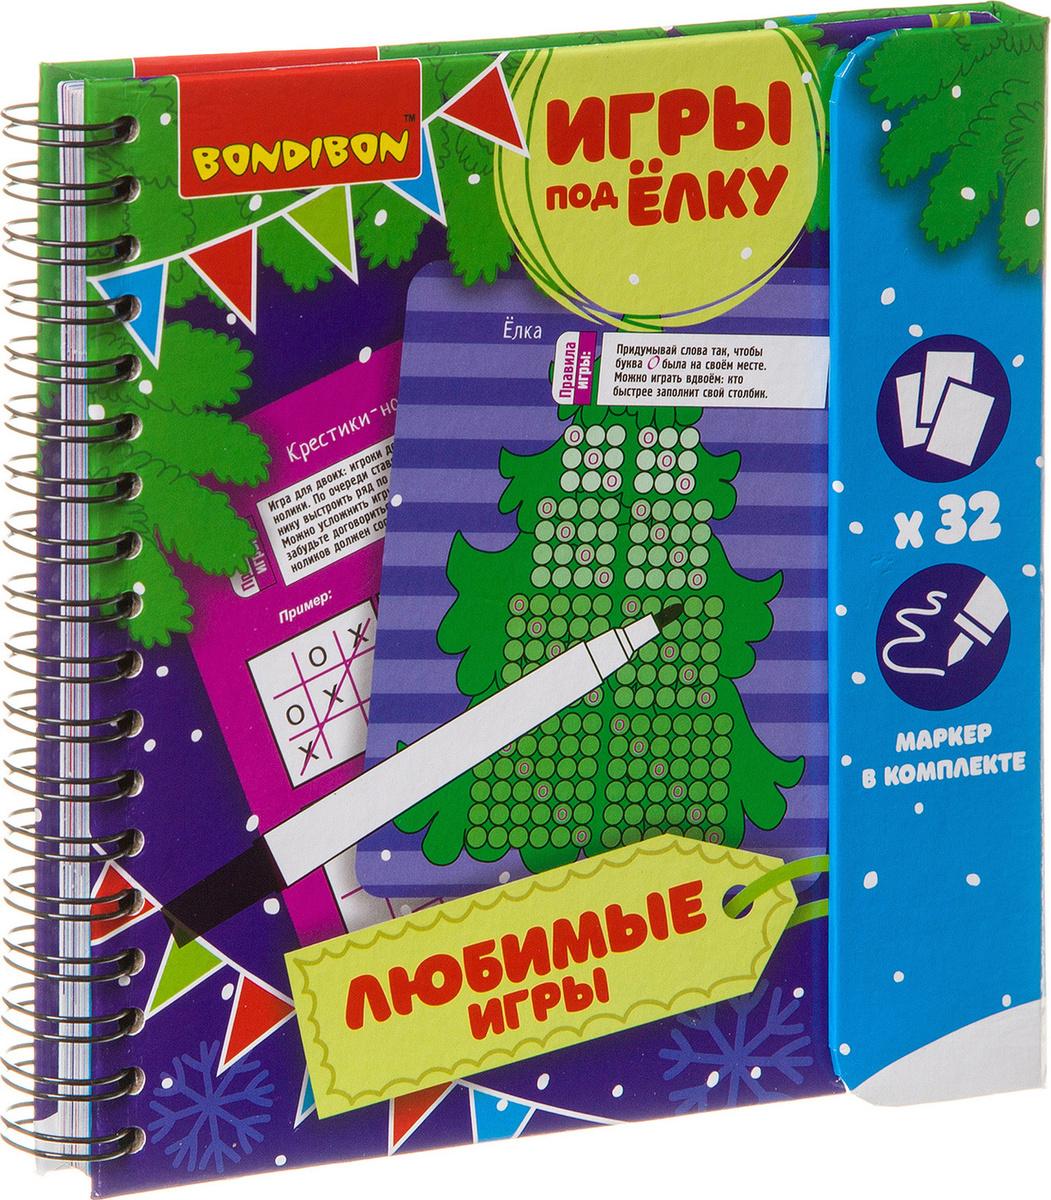 Обучающая игра Bondibon Игры под елку Любимые игры Новогодняя серия, ВВ3543  #1